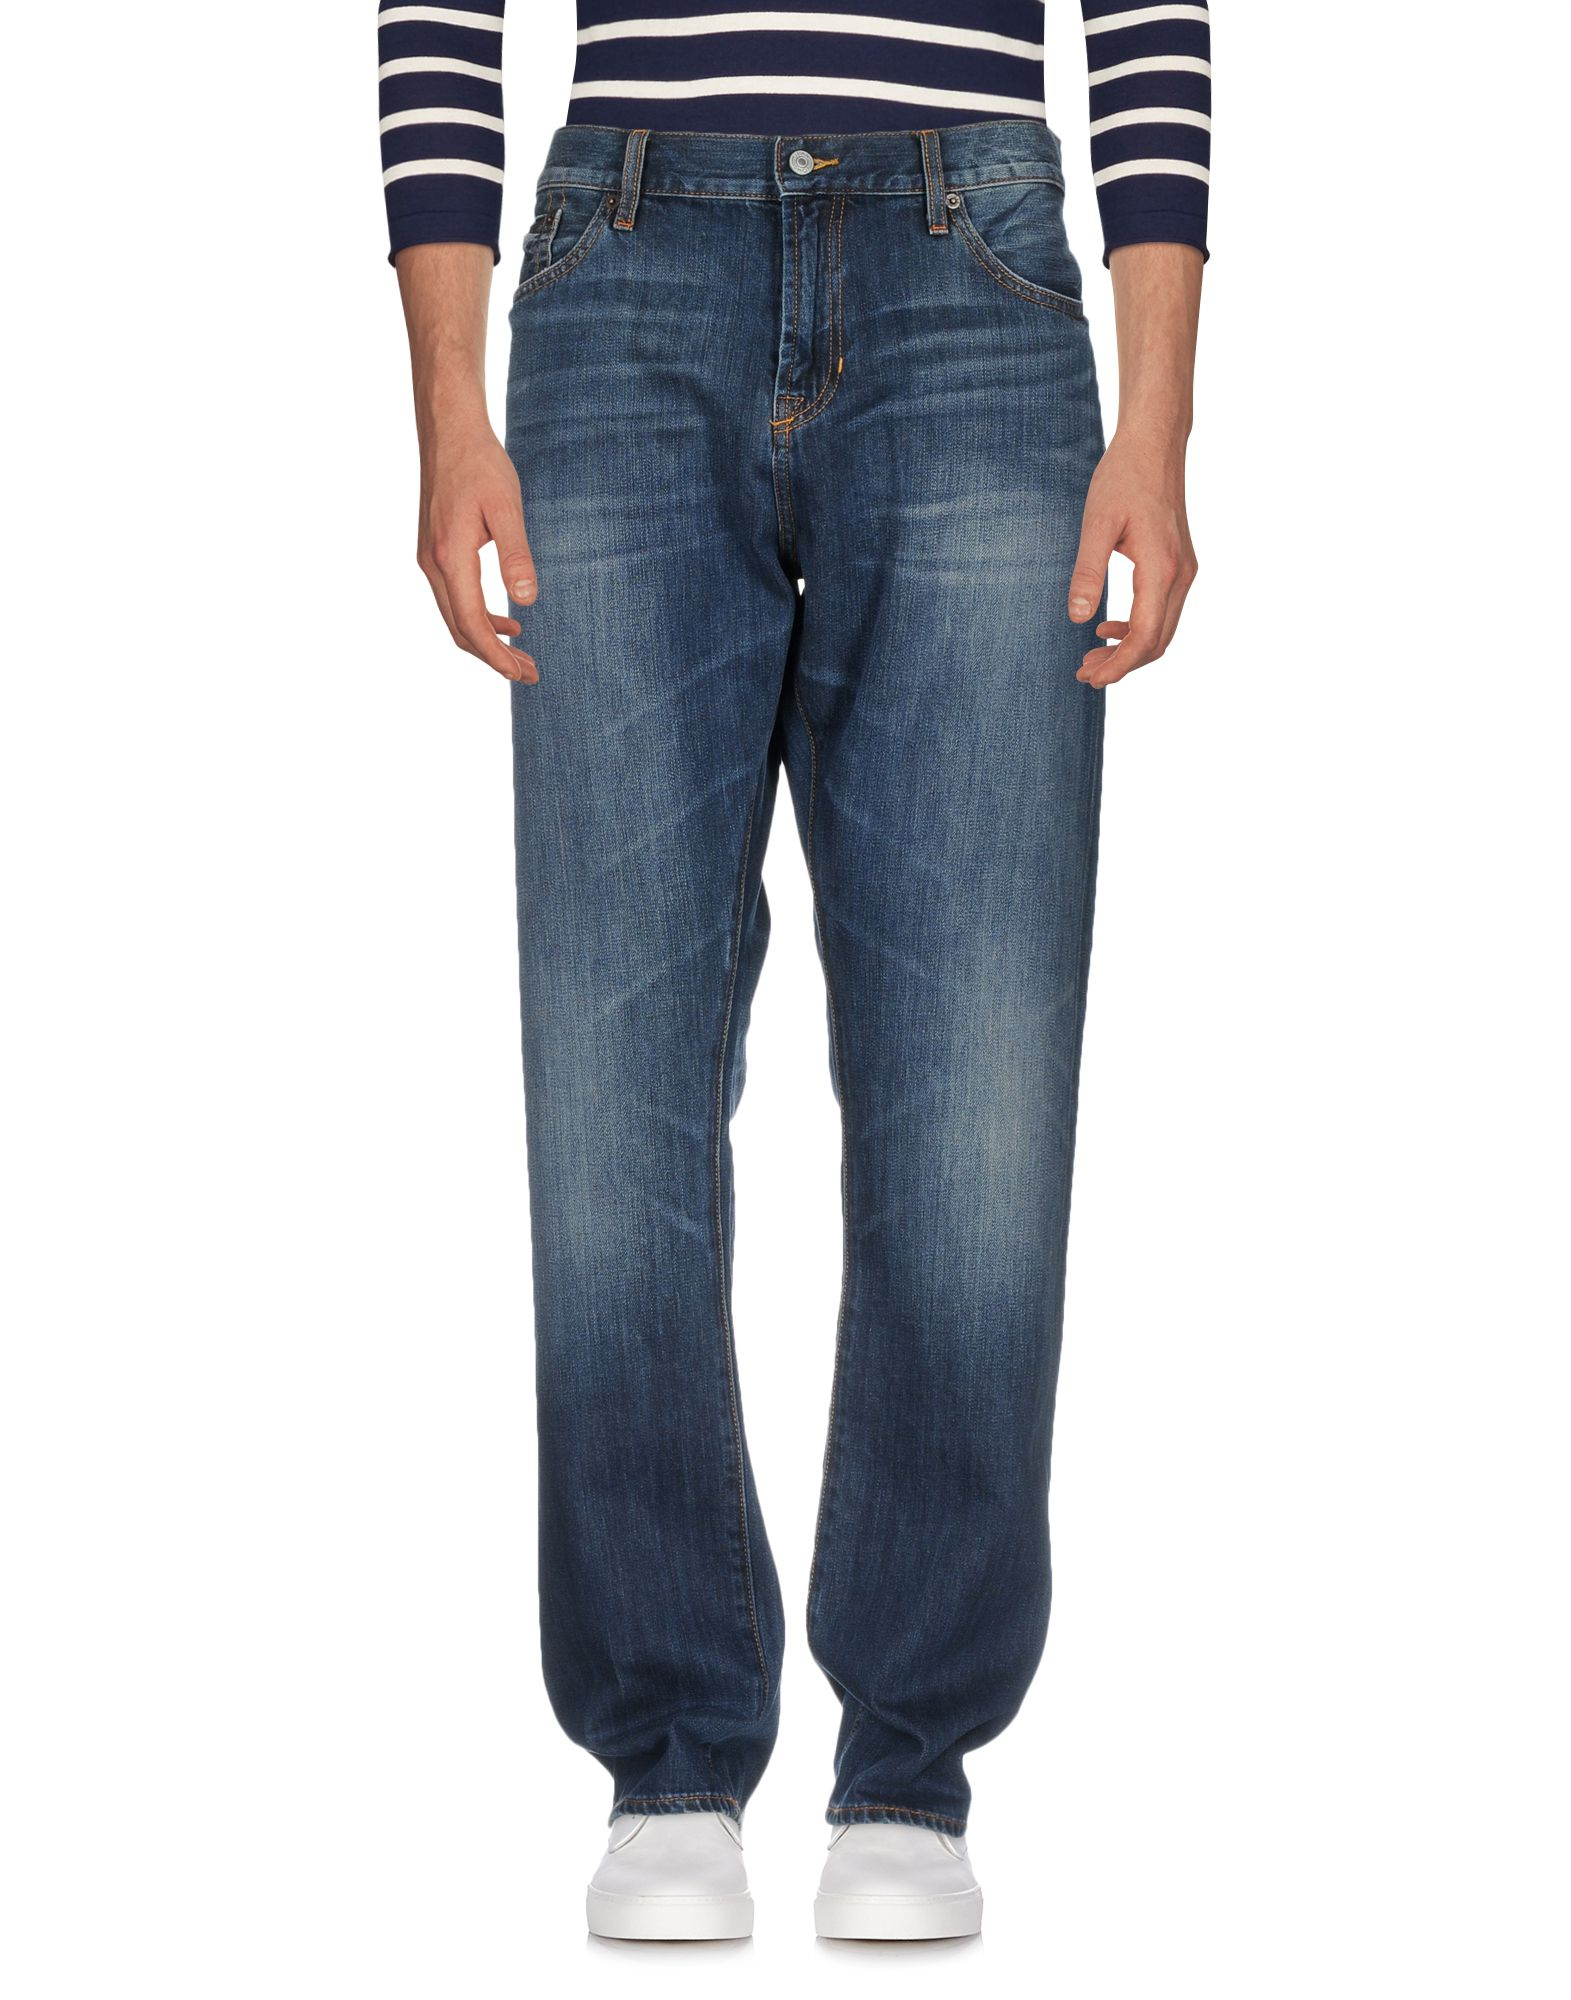 JEAN SHOP Джинсовые брюки earl jean джинсовые брюки